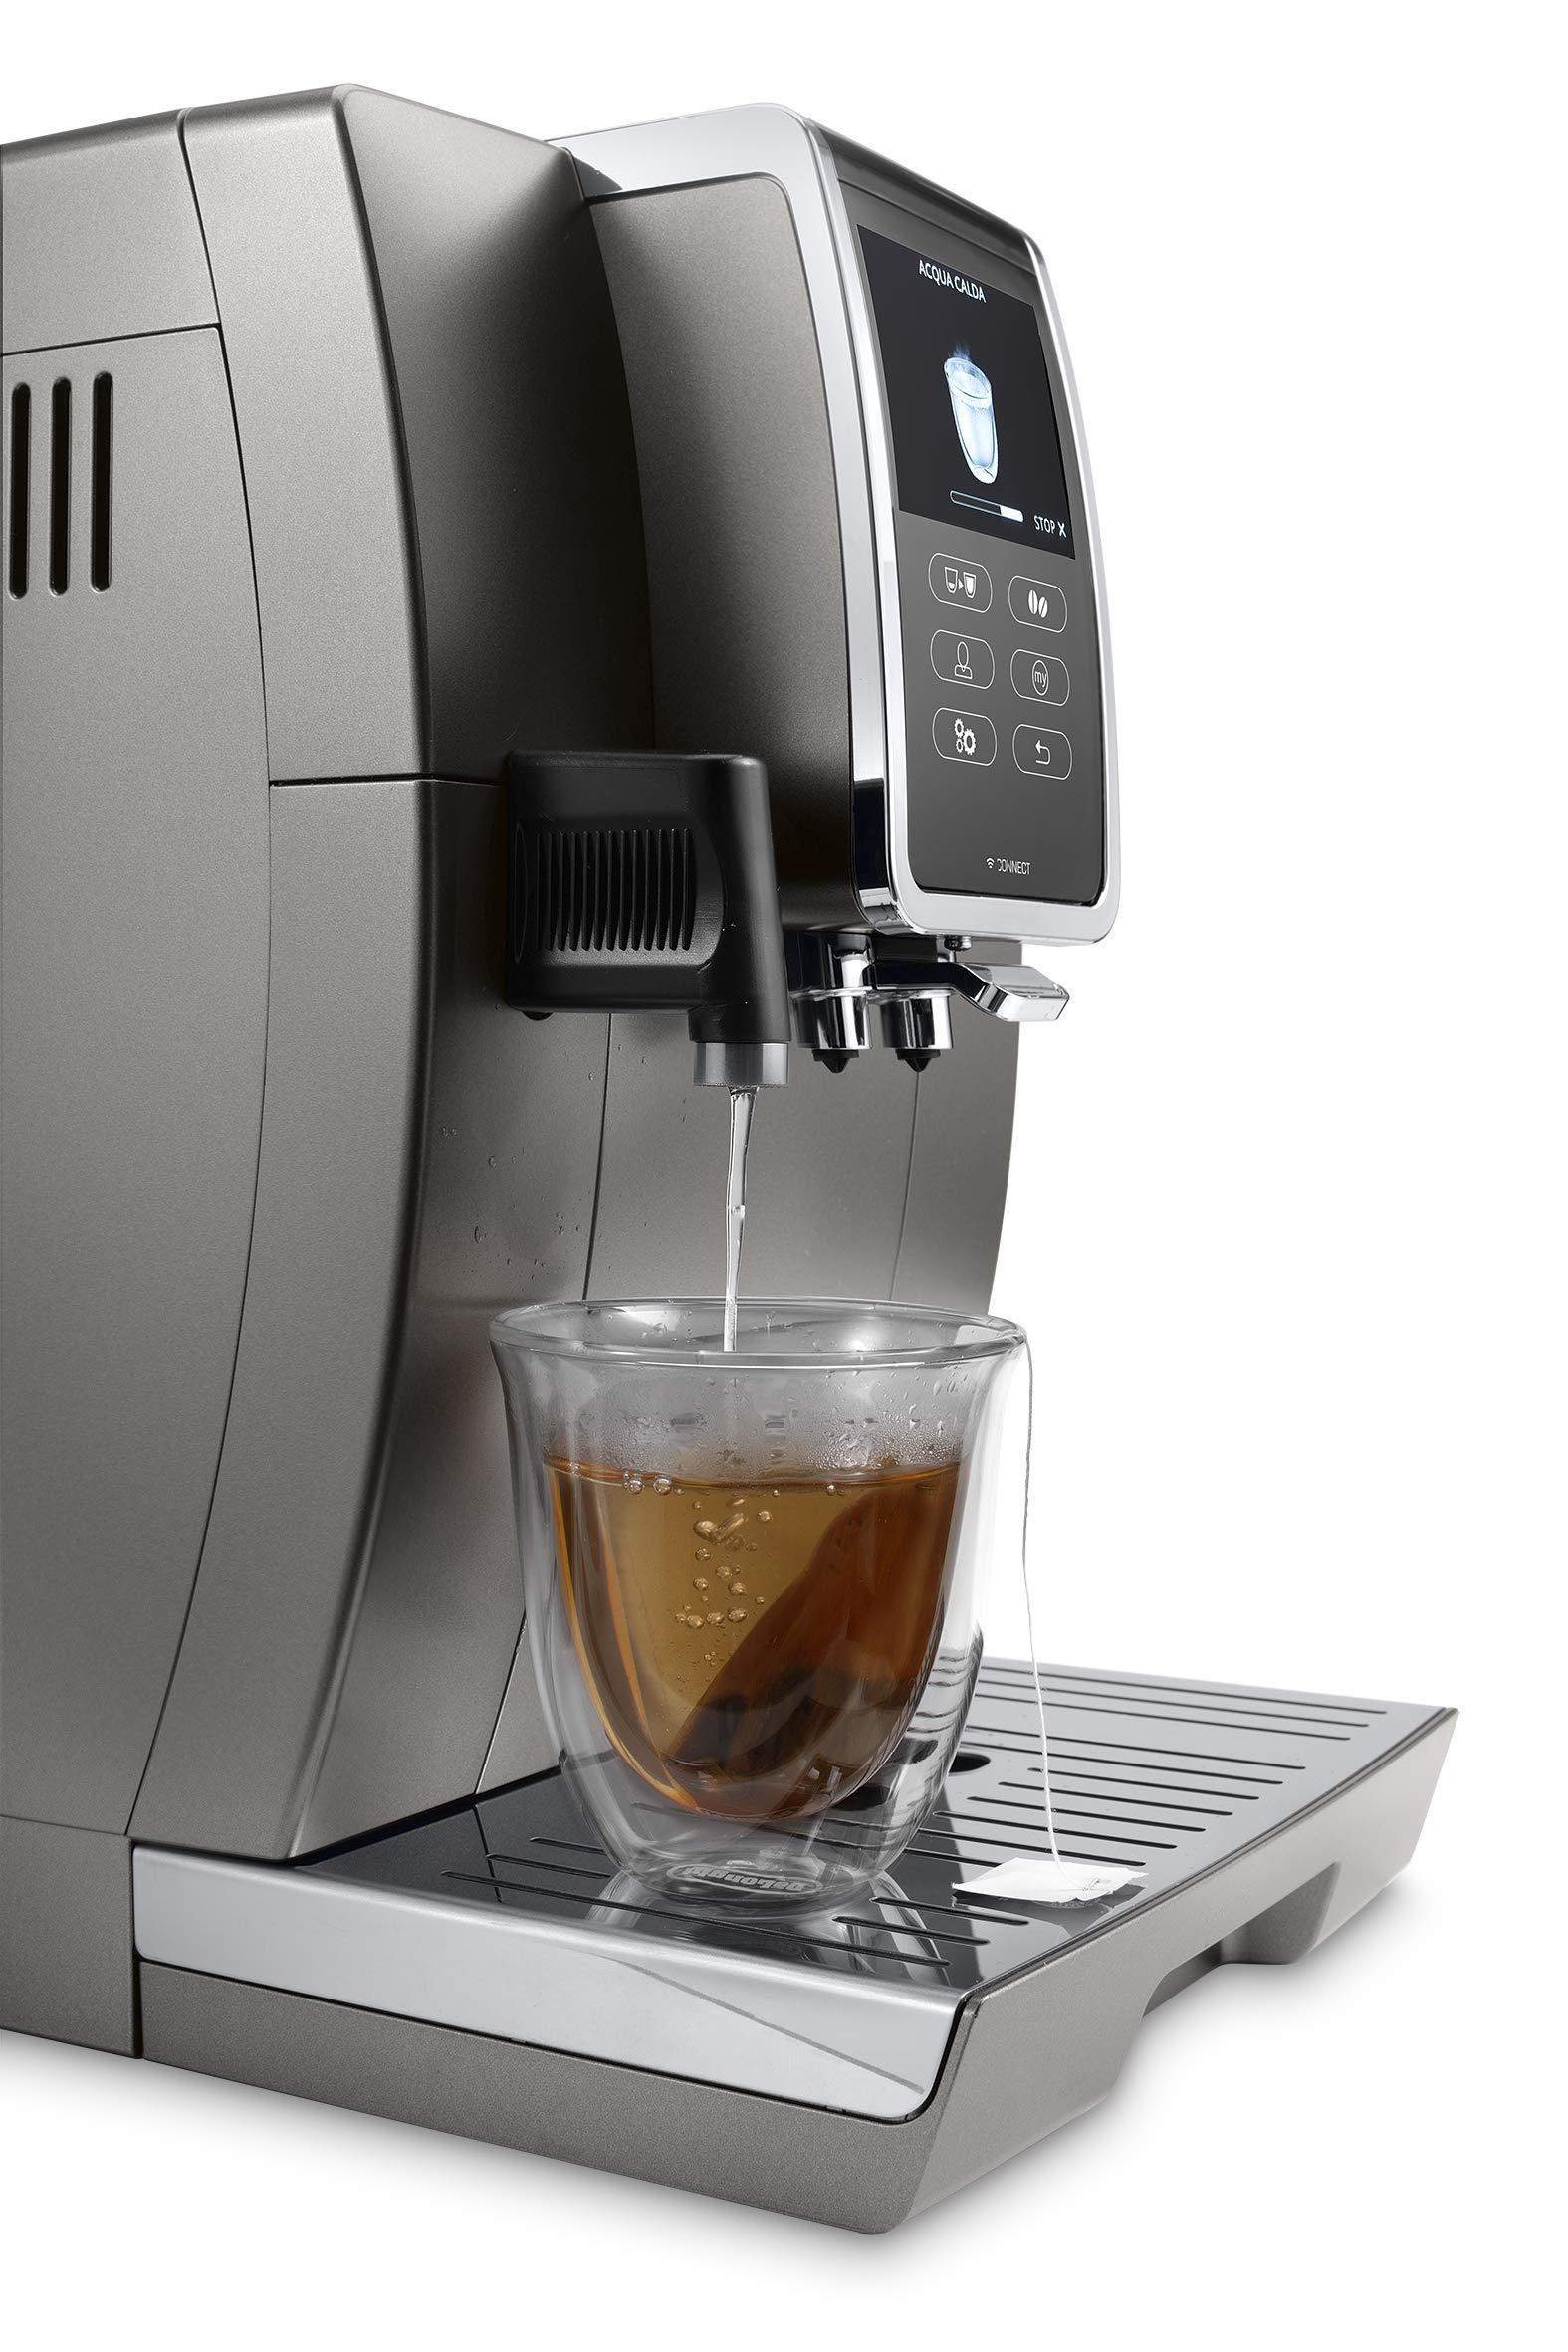 DeLonghi-Dinamica-Plus-ECAM-37095T-Kaffeevollautomat-35-Touchscreen-Integriertes-Milchsystem-Kaffeekannen-Funktion-3-Benutzerprofile-App-Steuerung